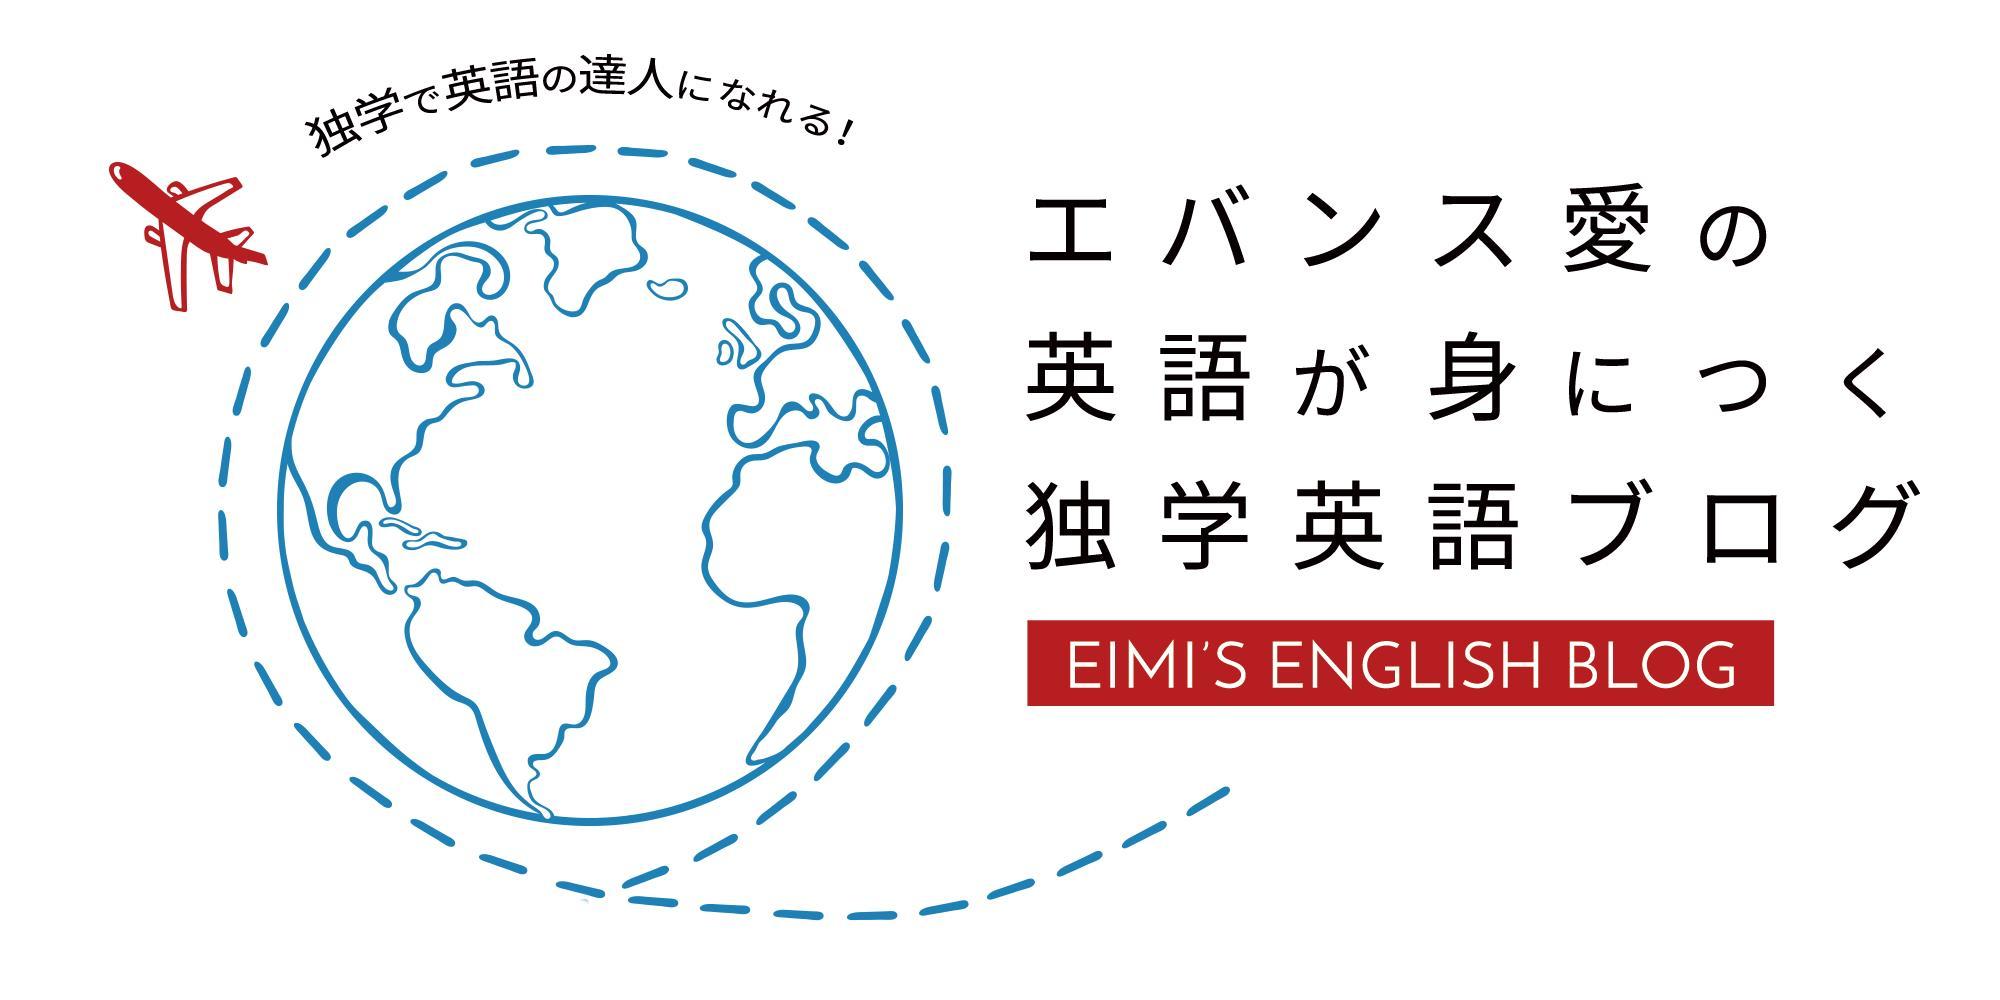 エバンス愛の英語が身につく独学英語ブログ